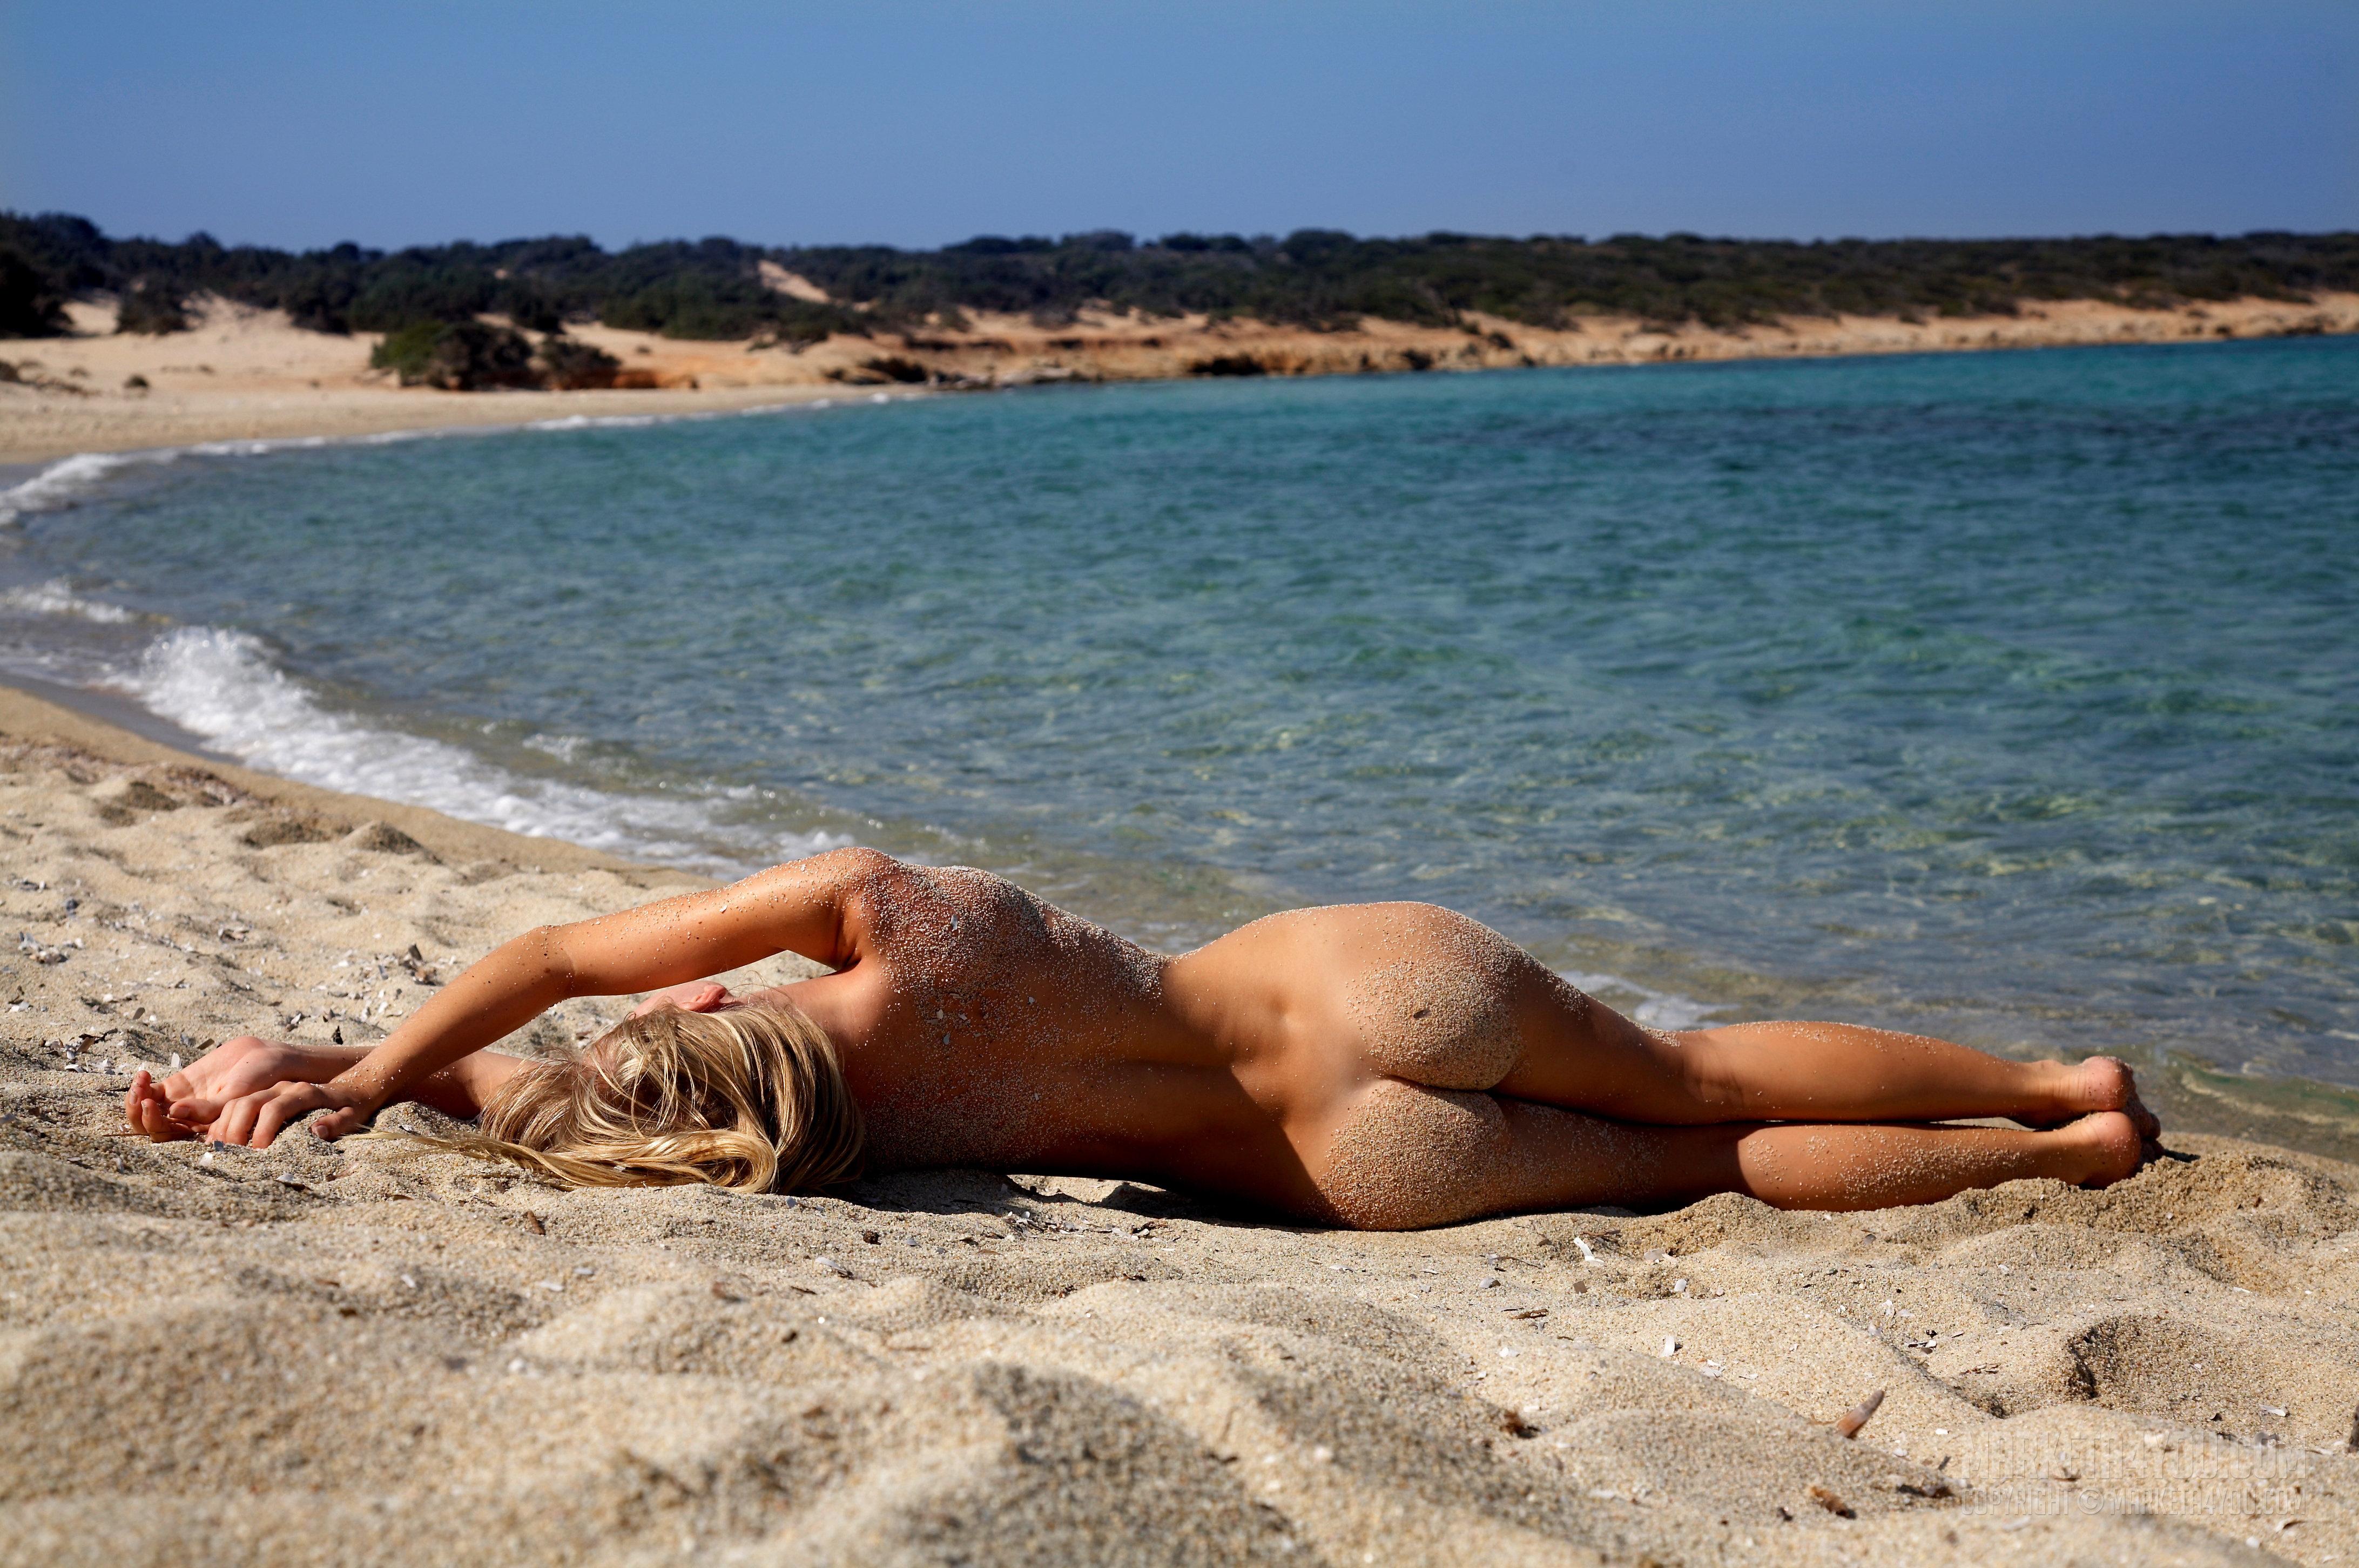 Эротика в пляже 14 фотография